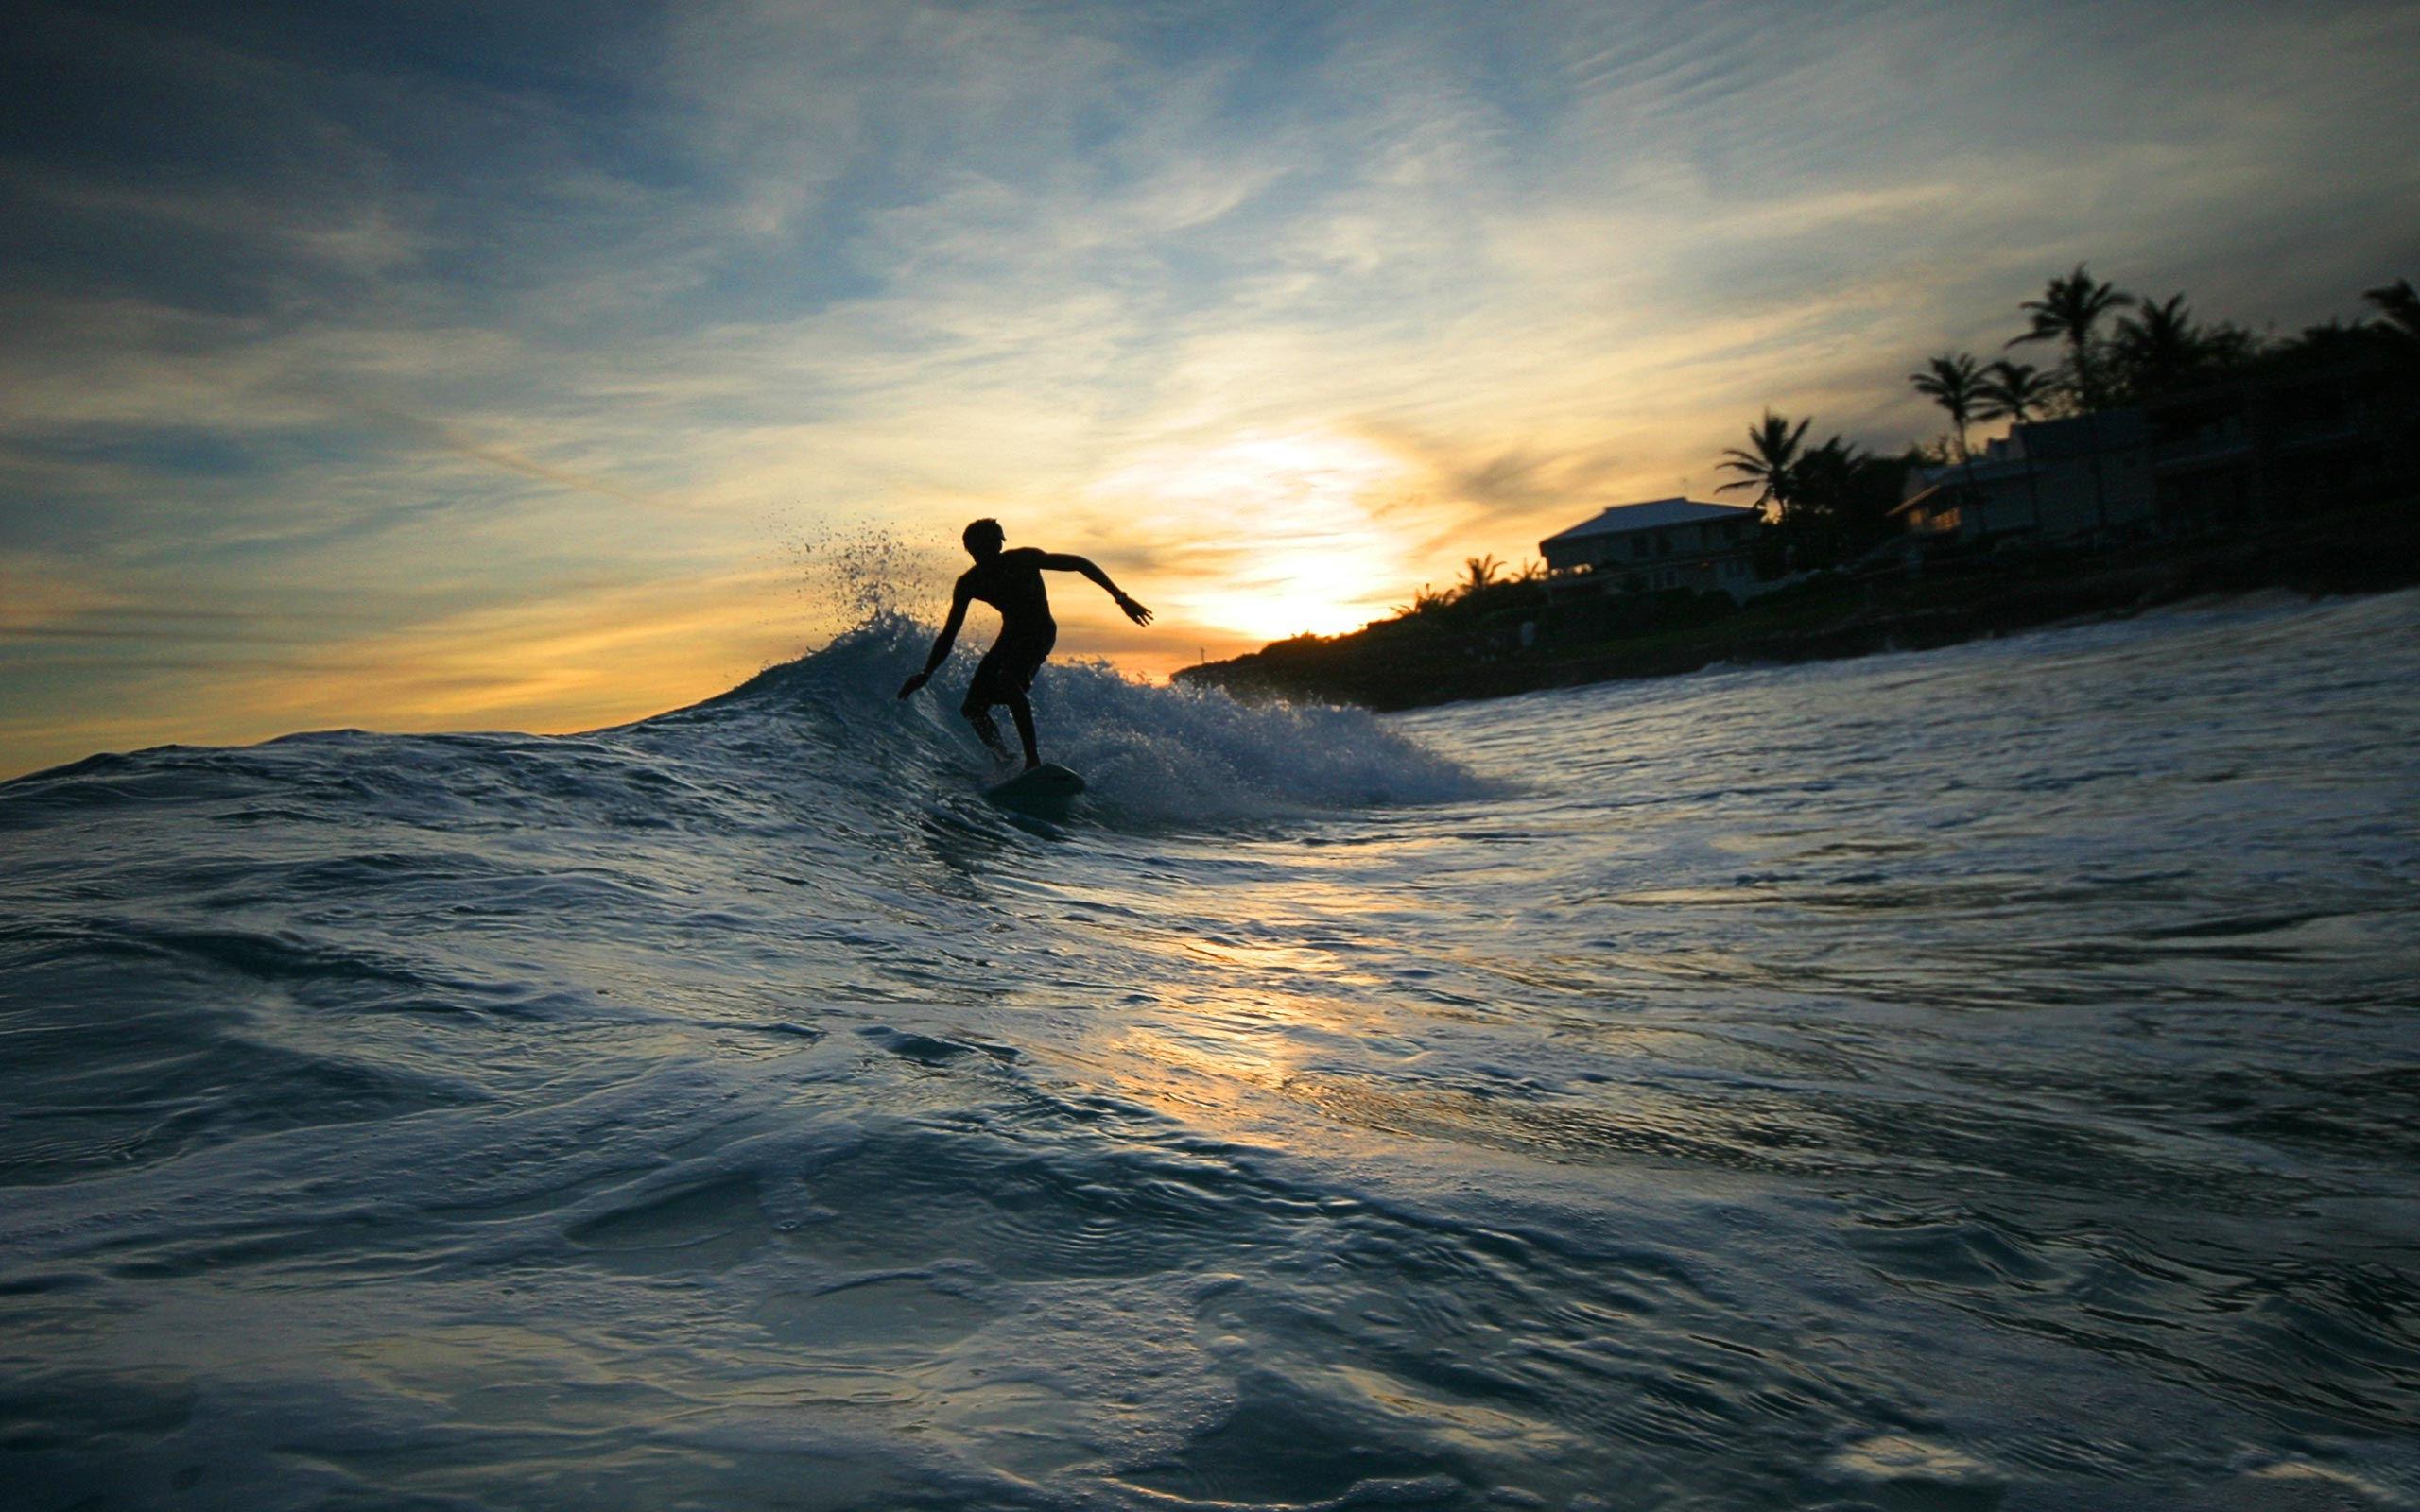 серфинг, серфингист, вода